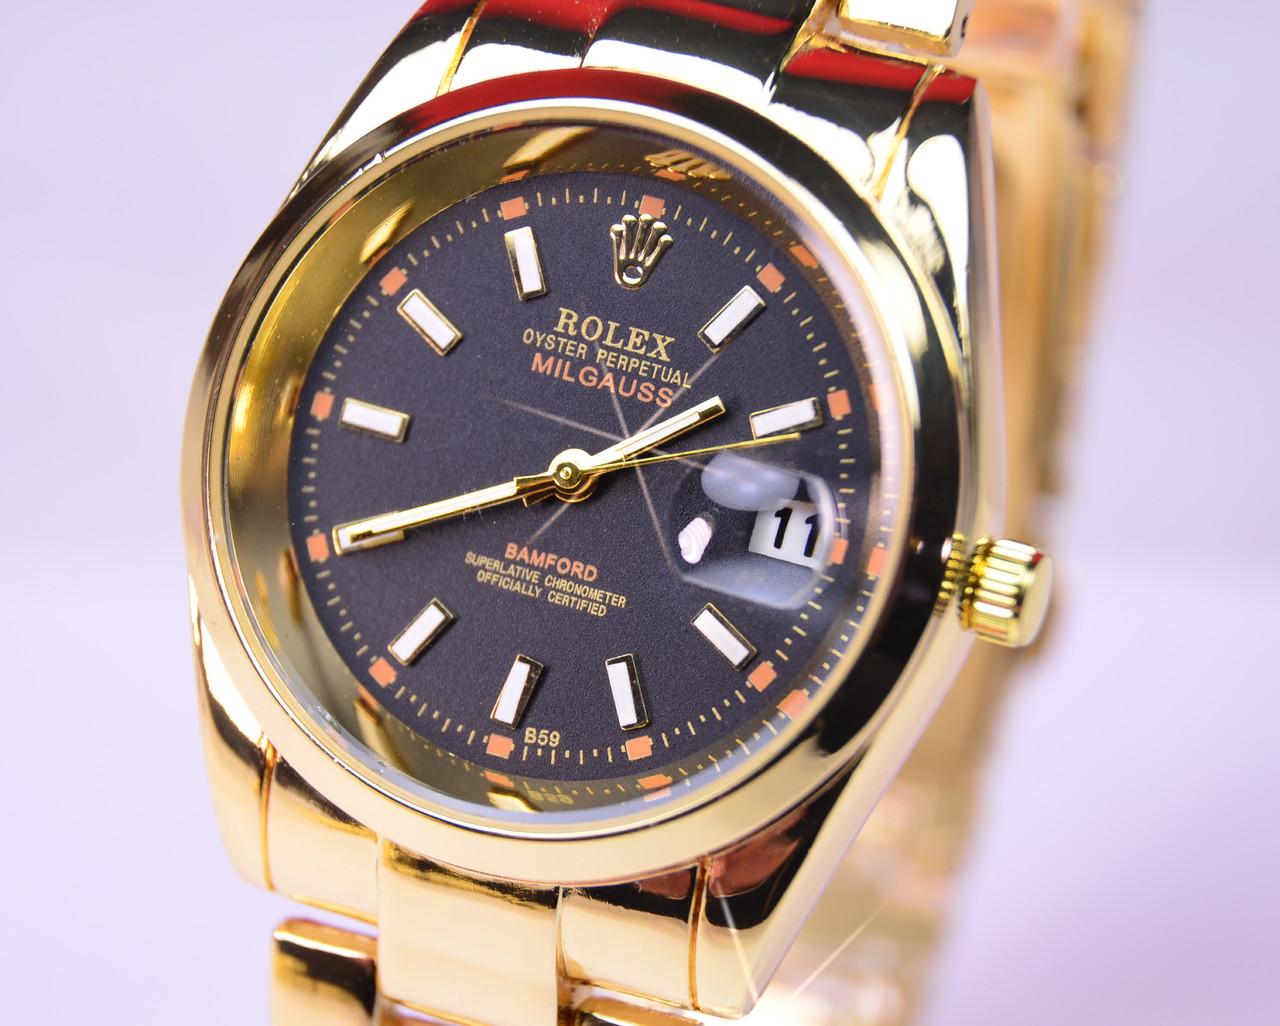 Наручные часы Rolex Oyster Perpetual Milgauss Gold Date